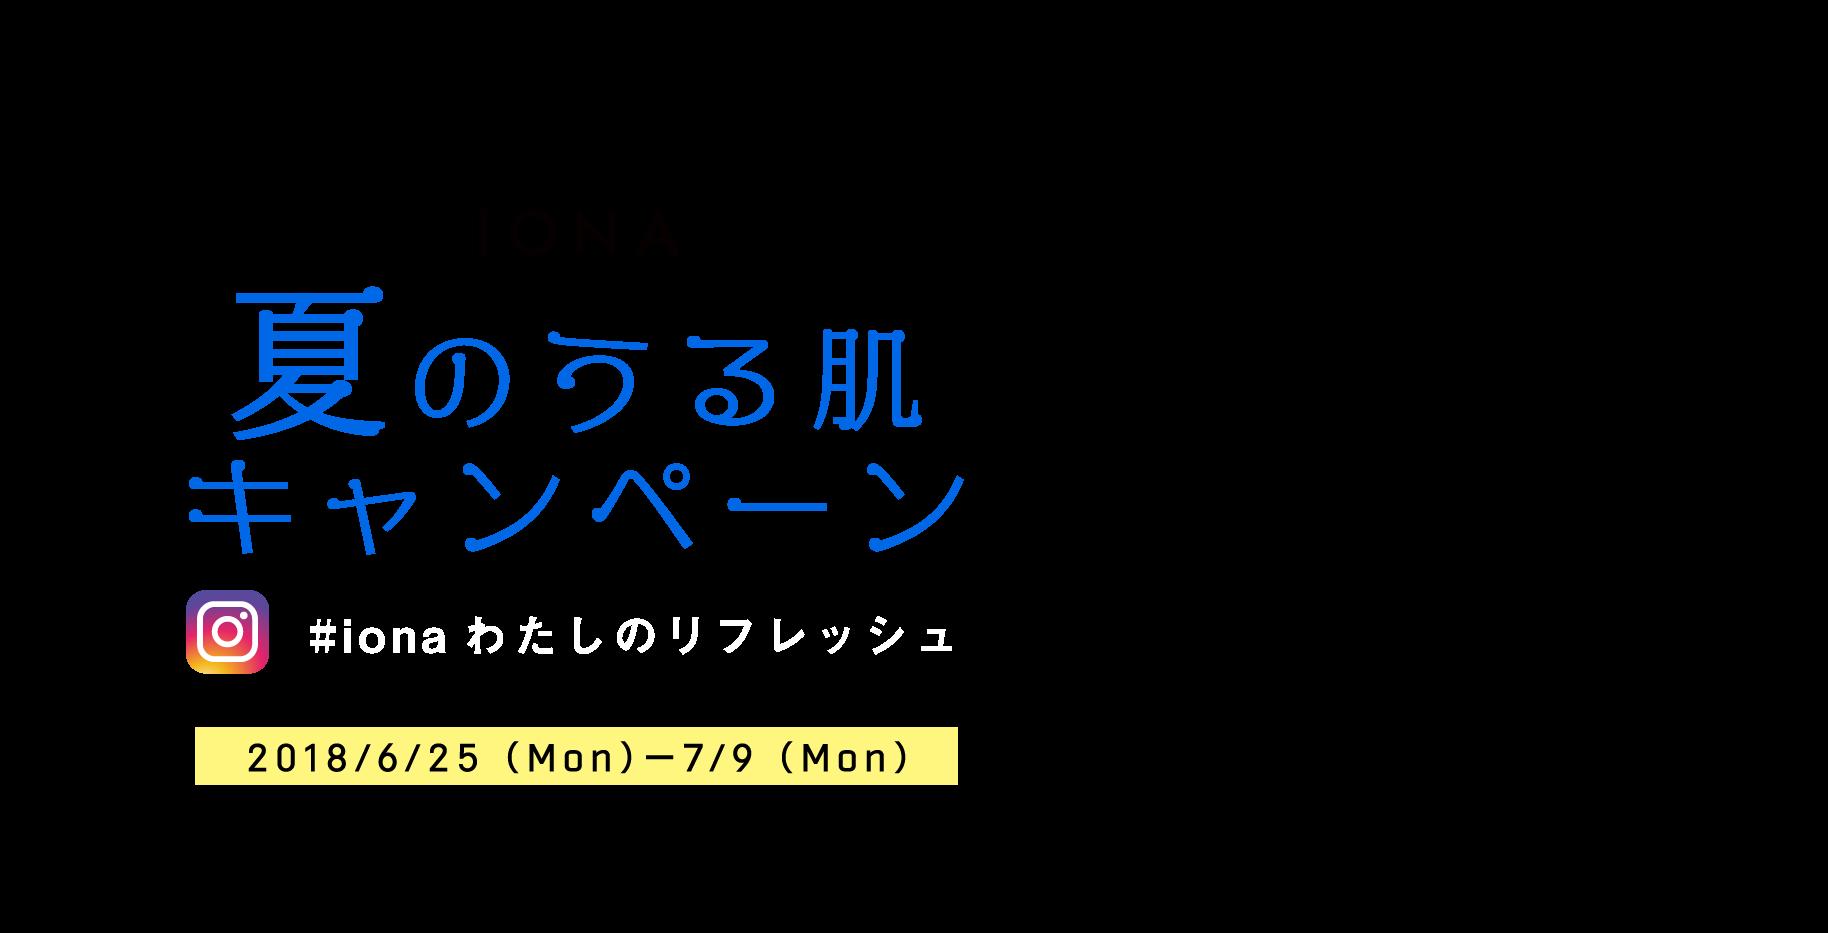 IONA夏のうる肌キャンペーン2018/6/25(MON)-7/9(MON)